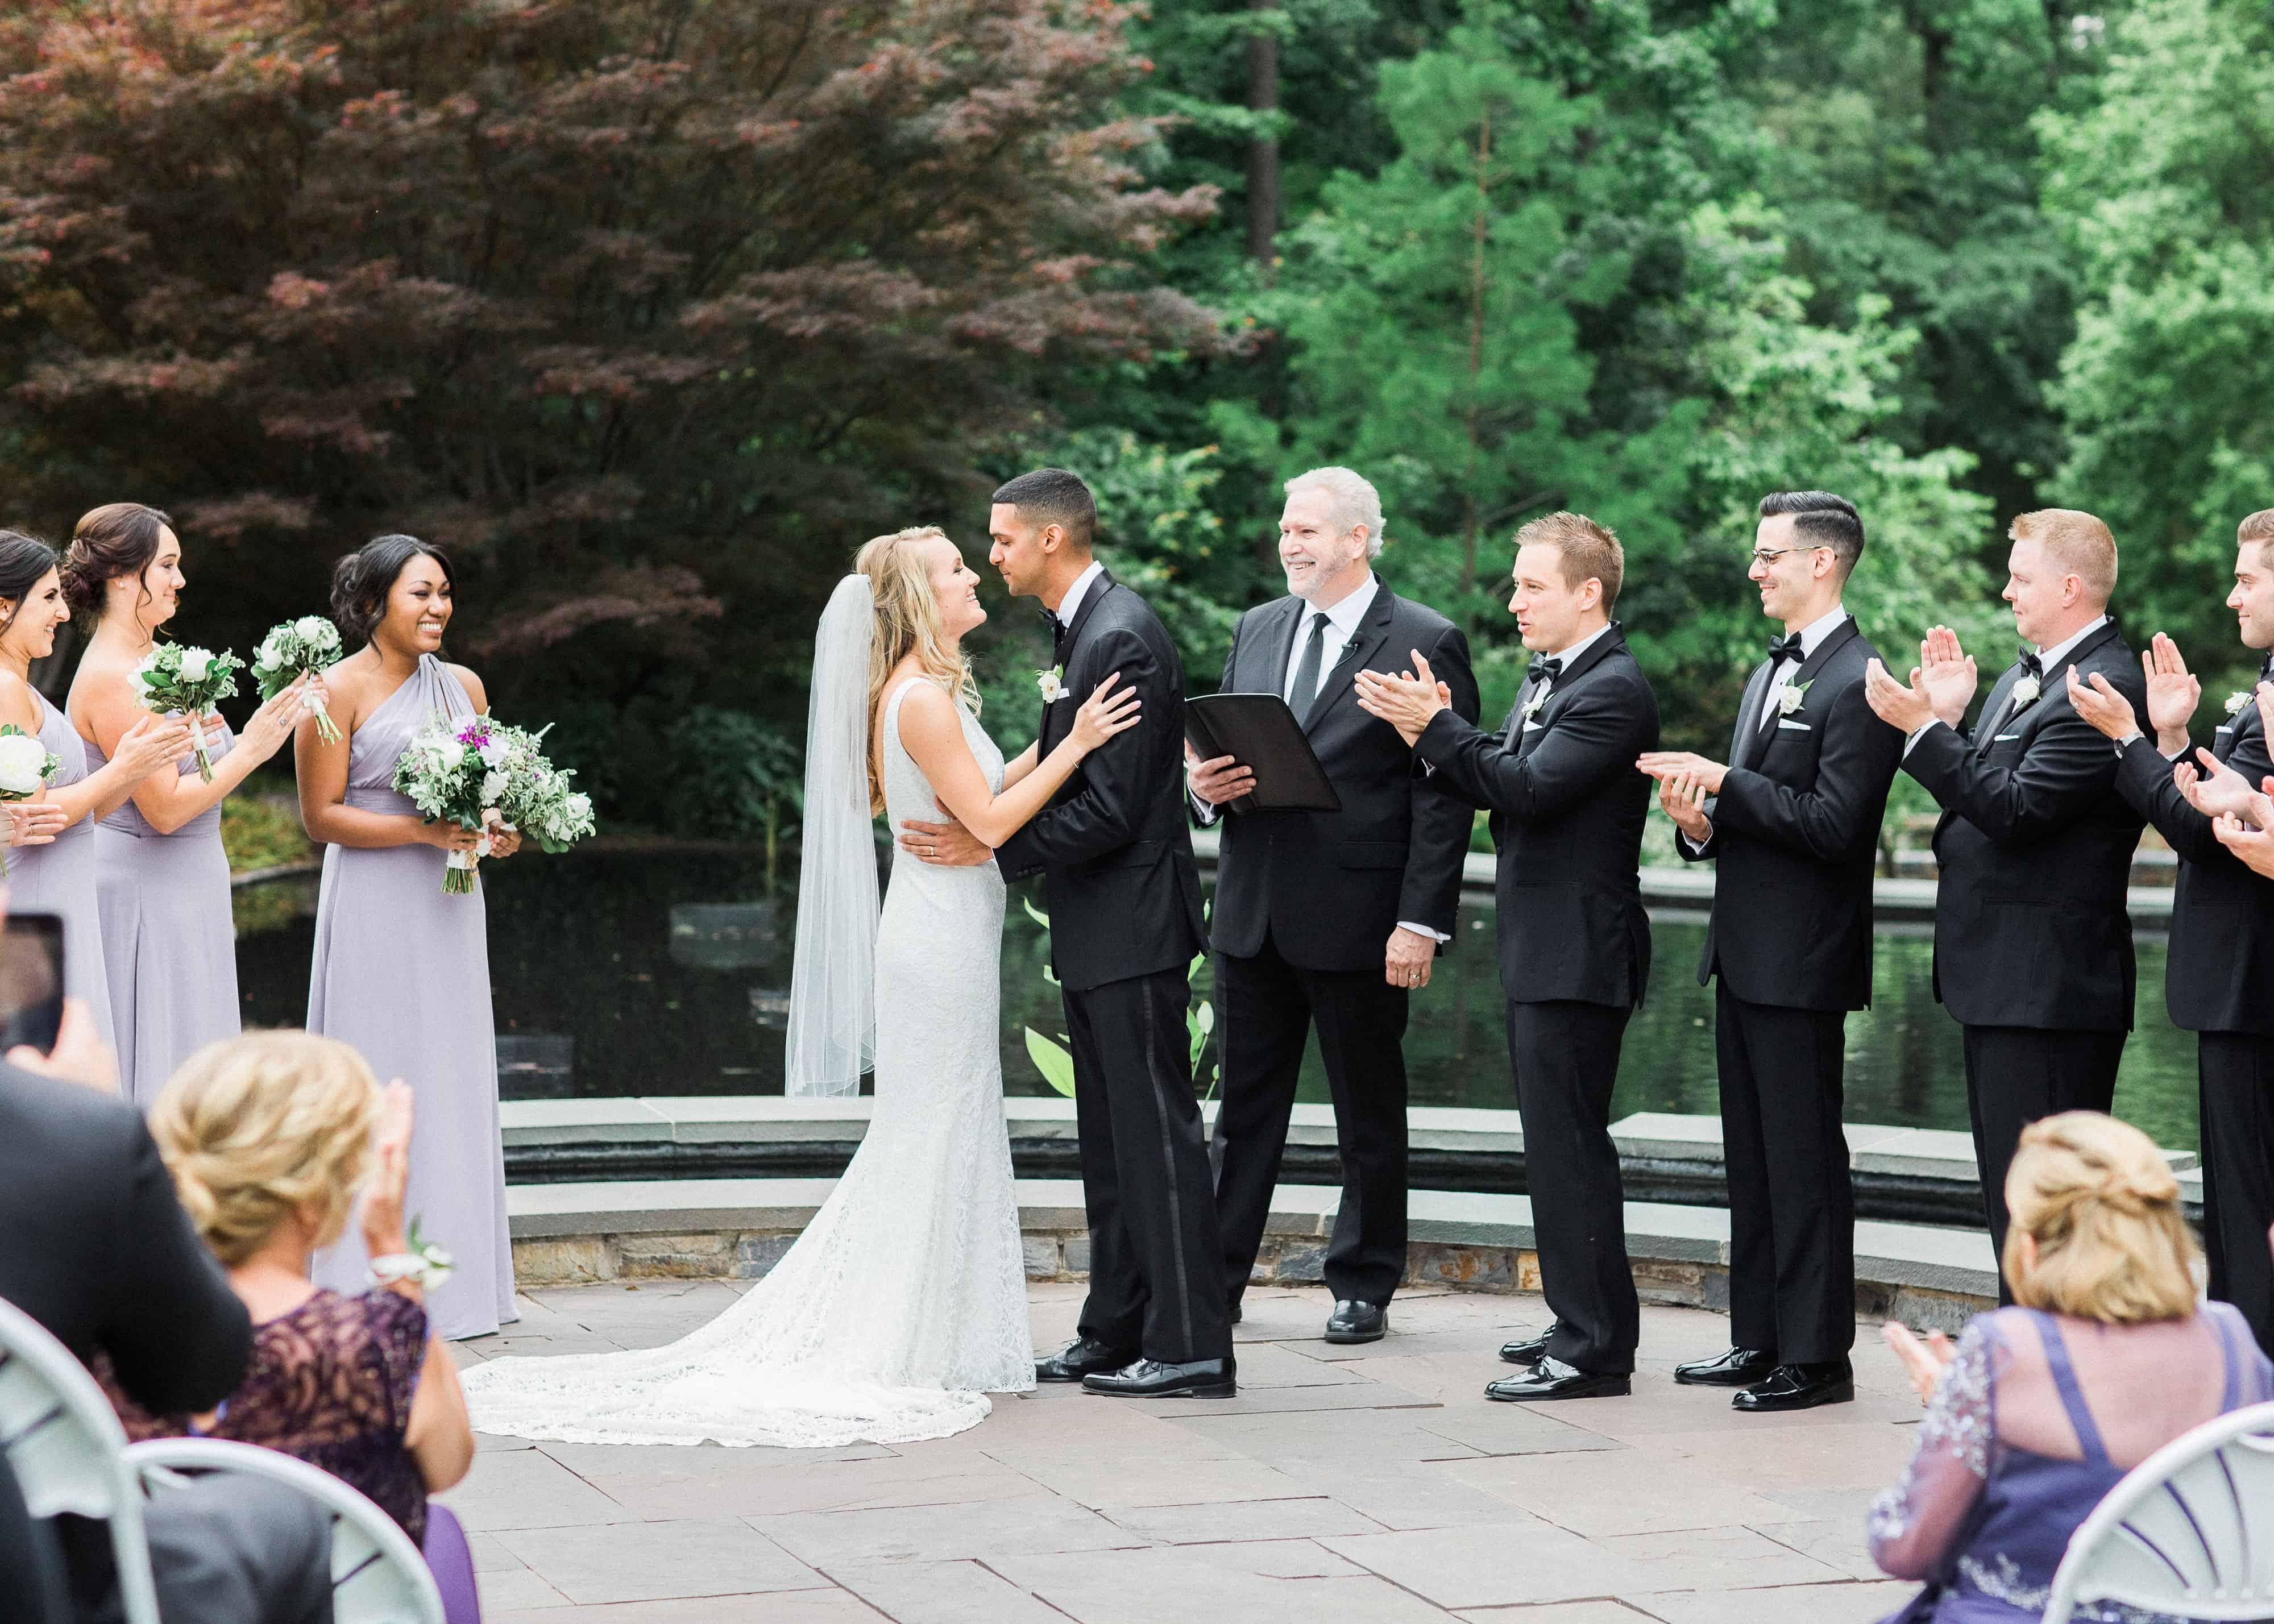 View More: http://bronwynduffield.pass.us/grier-wedding